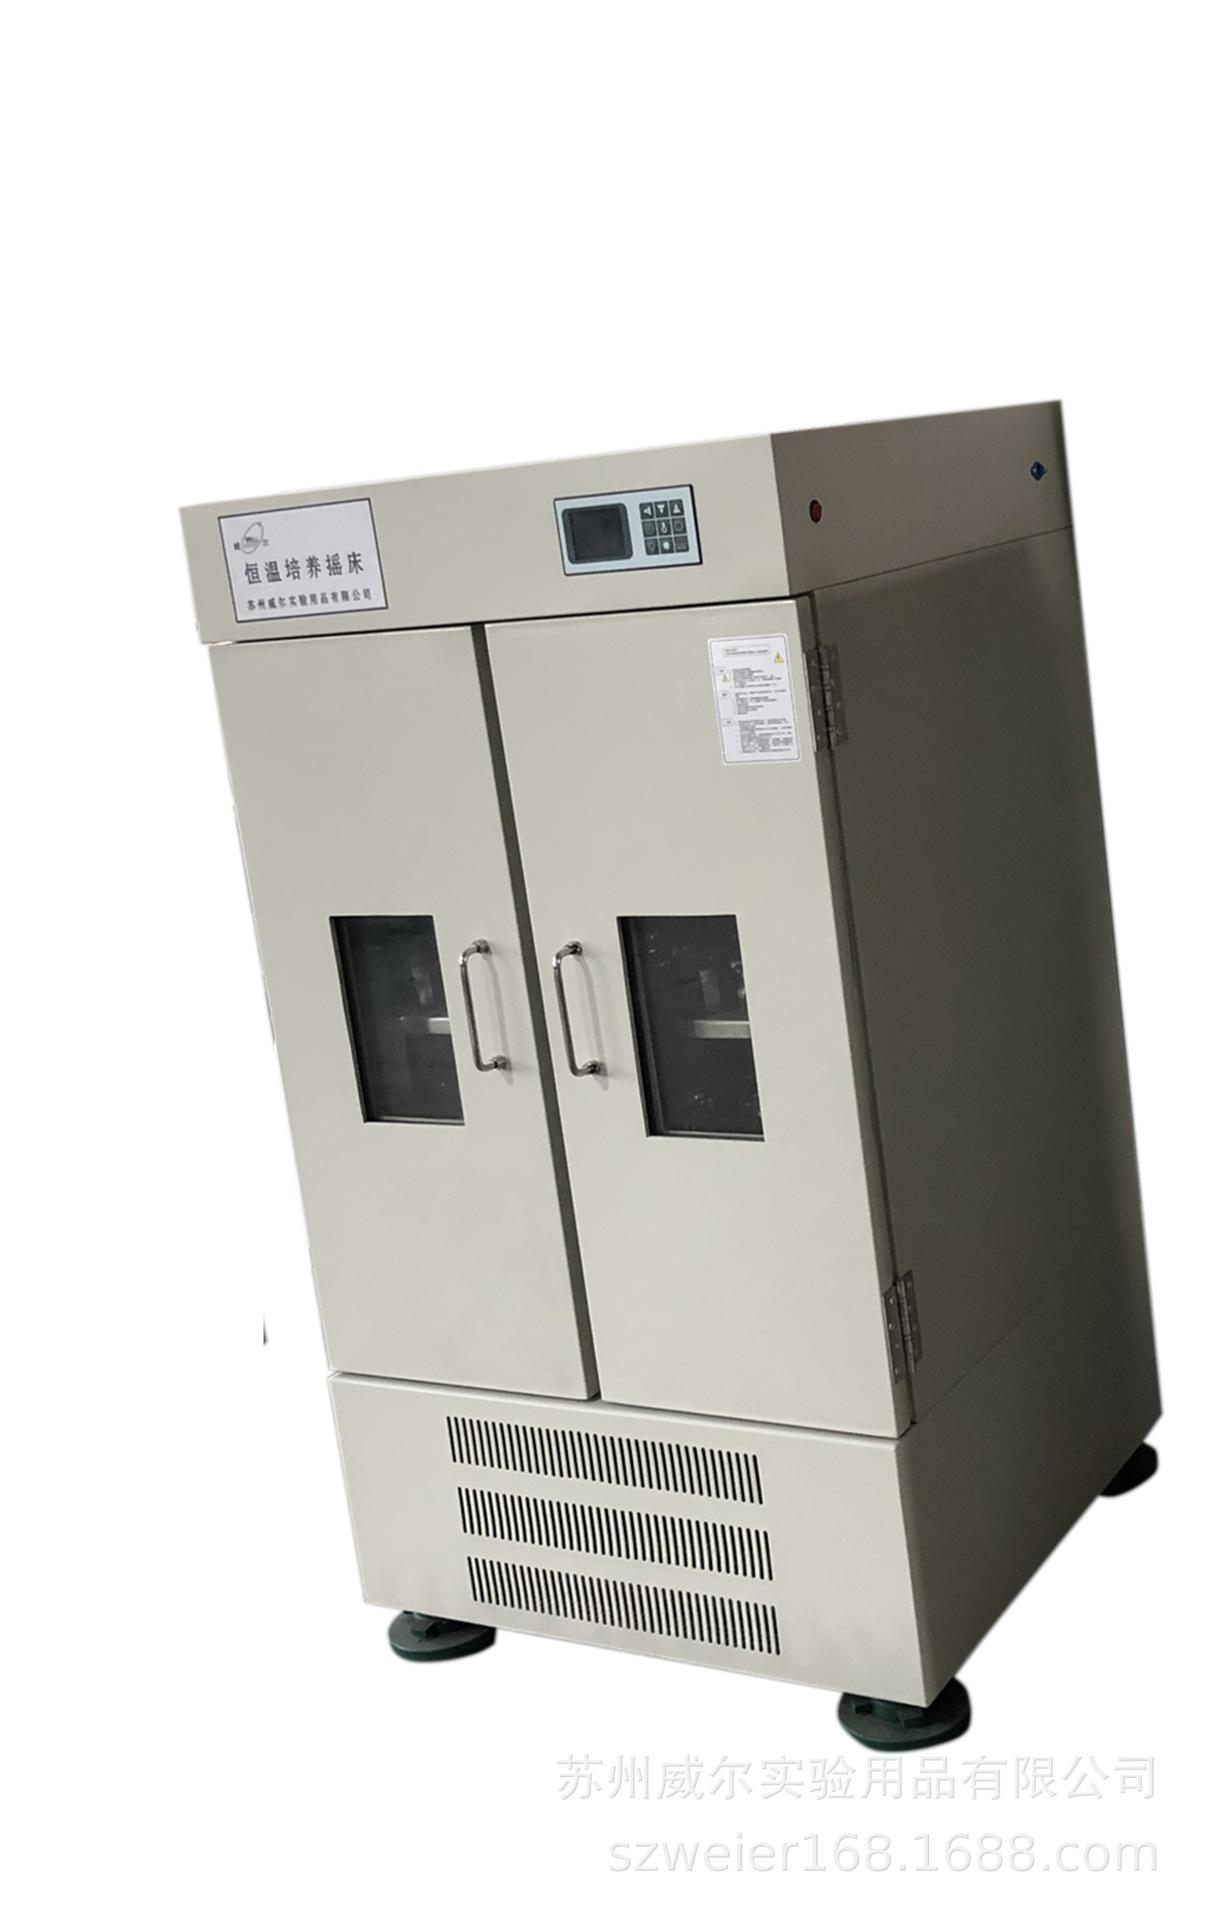 供应苏州威尔双层恒温摇床HWY-2112B恒温摇床培养箱振荡培养箱